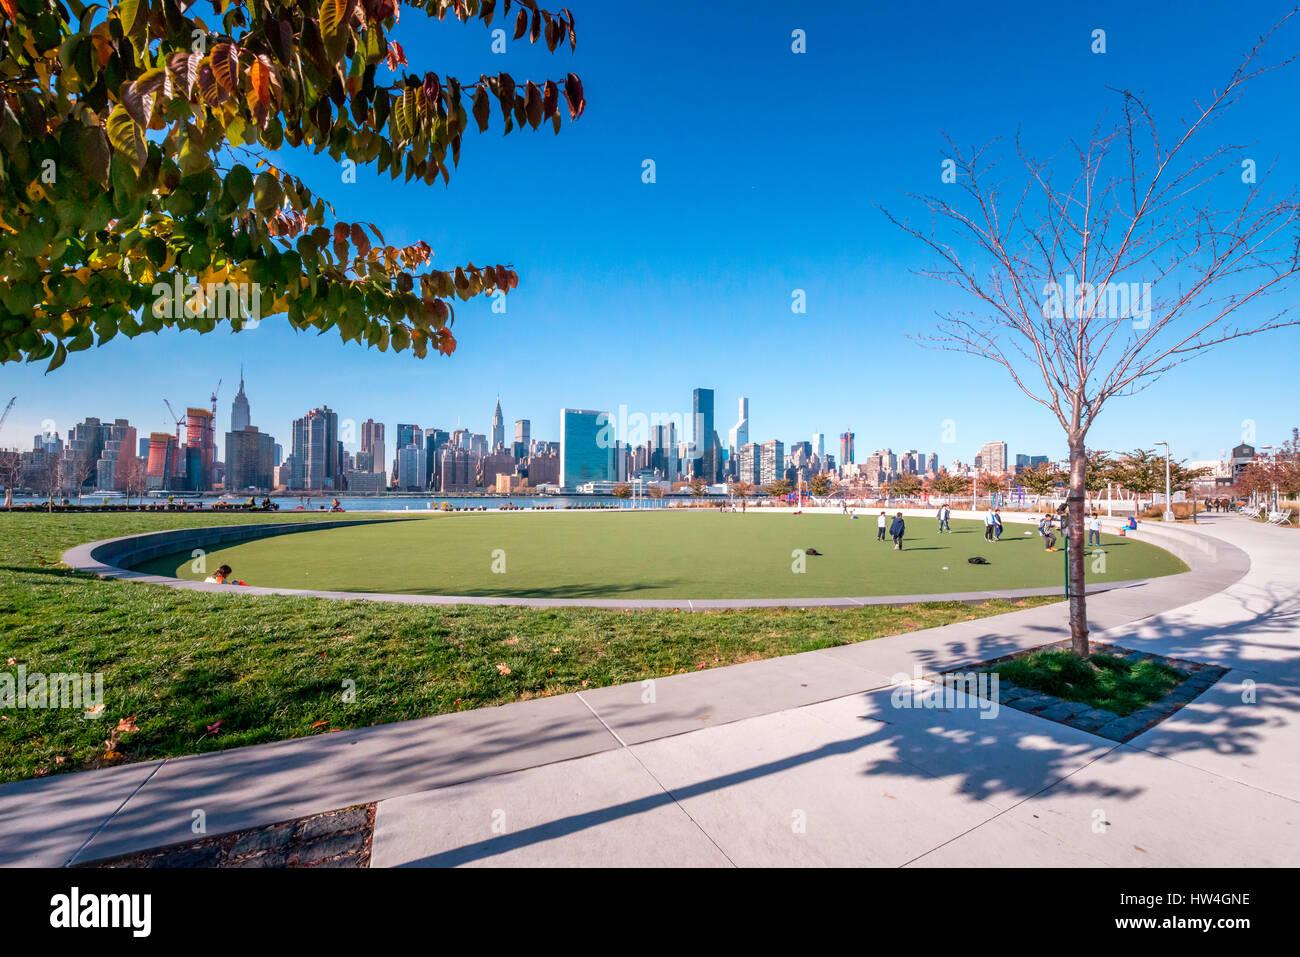 Vista esterna del Hunter's punto a sud Waterfront Park nel Long Island, New York, Stati Uniti d'America. Immagini Stock